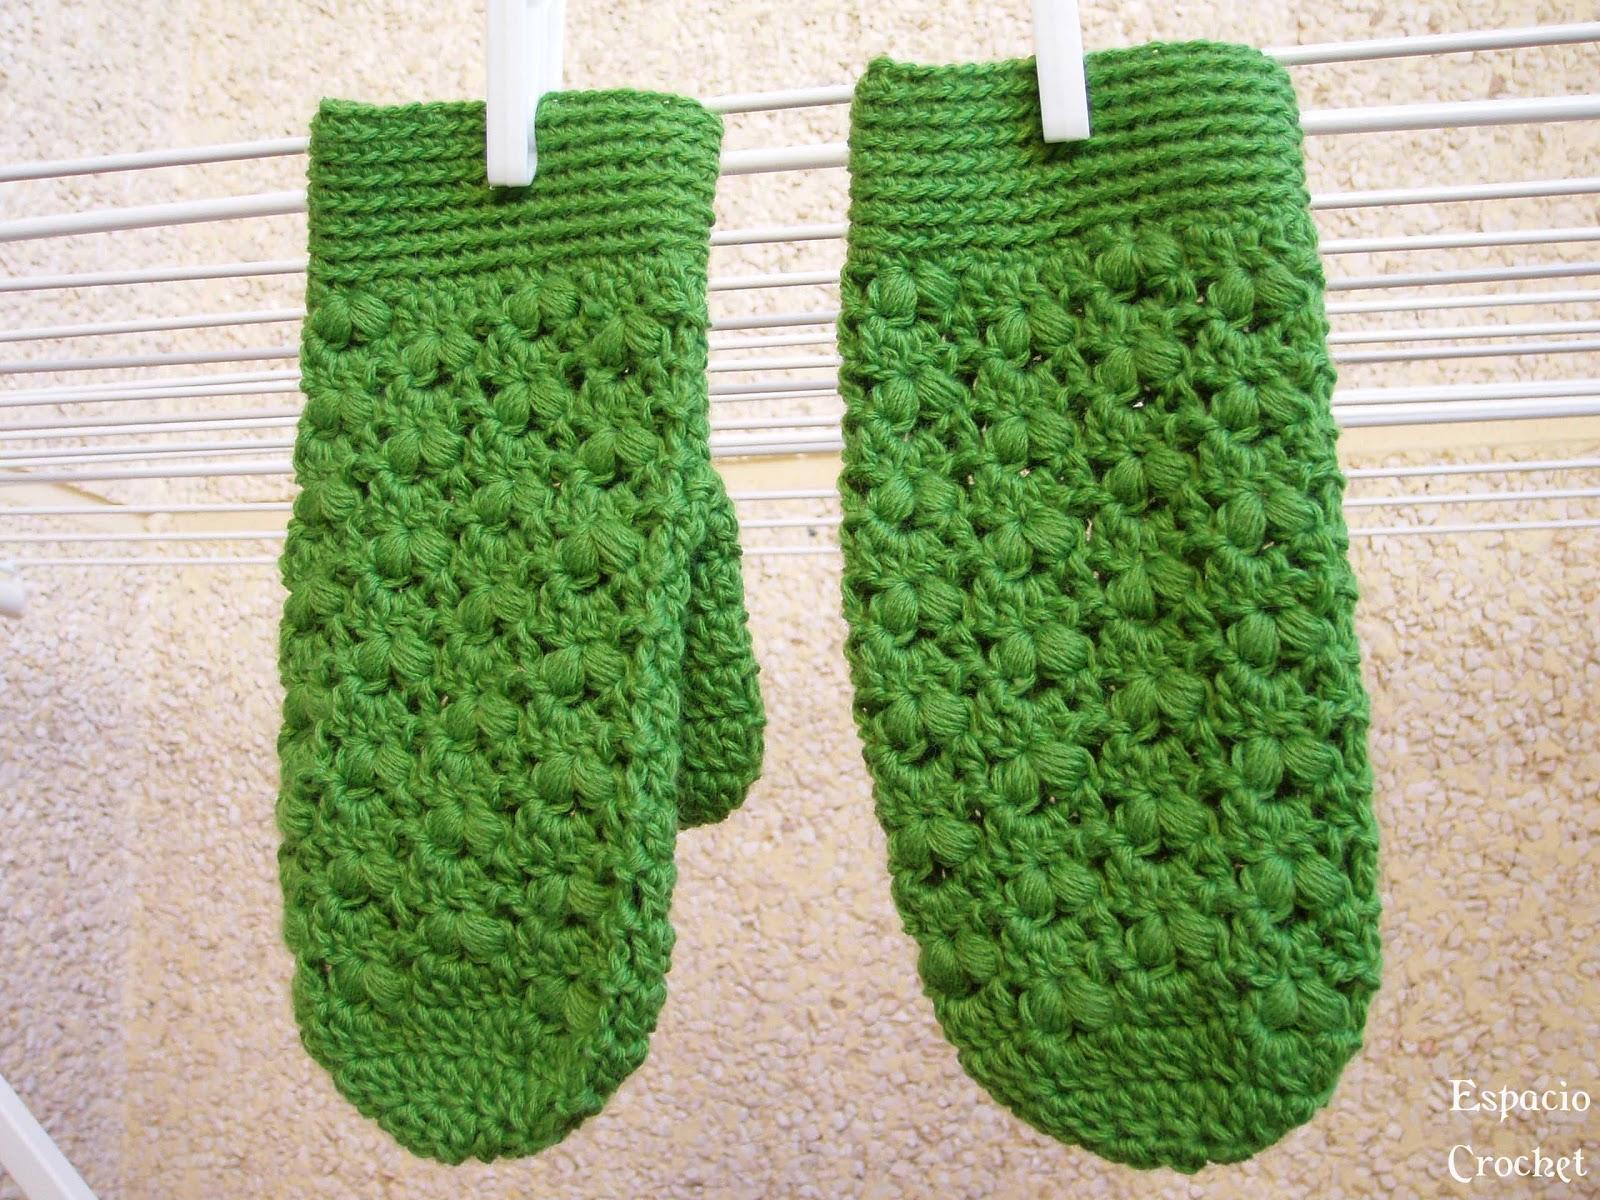 Manoplas | Espacio Crochet